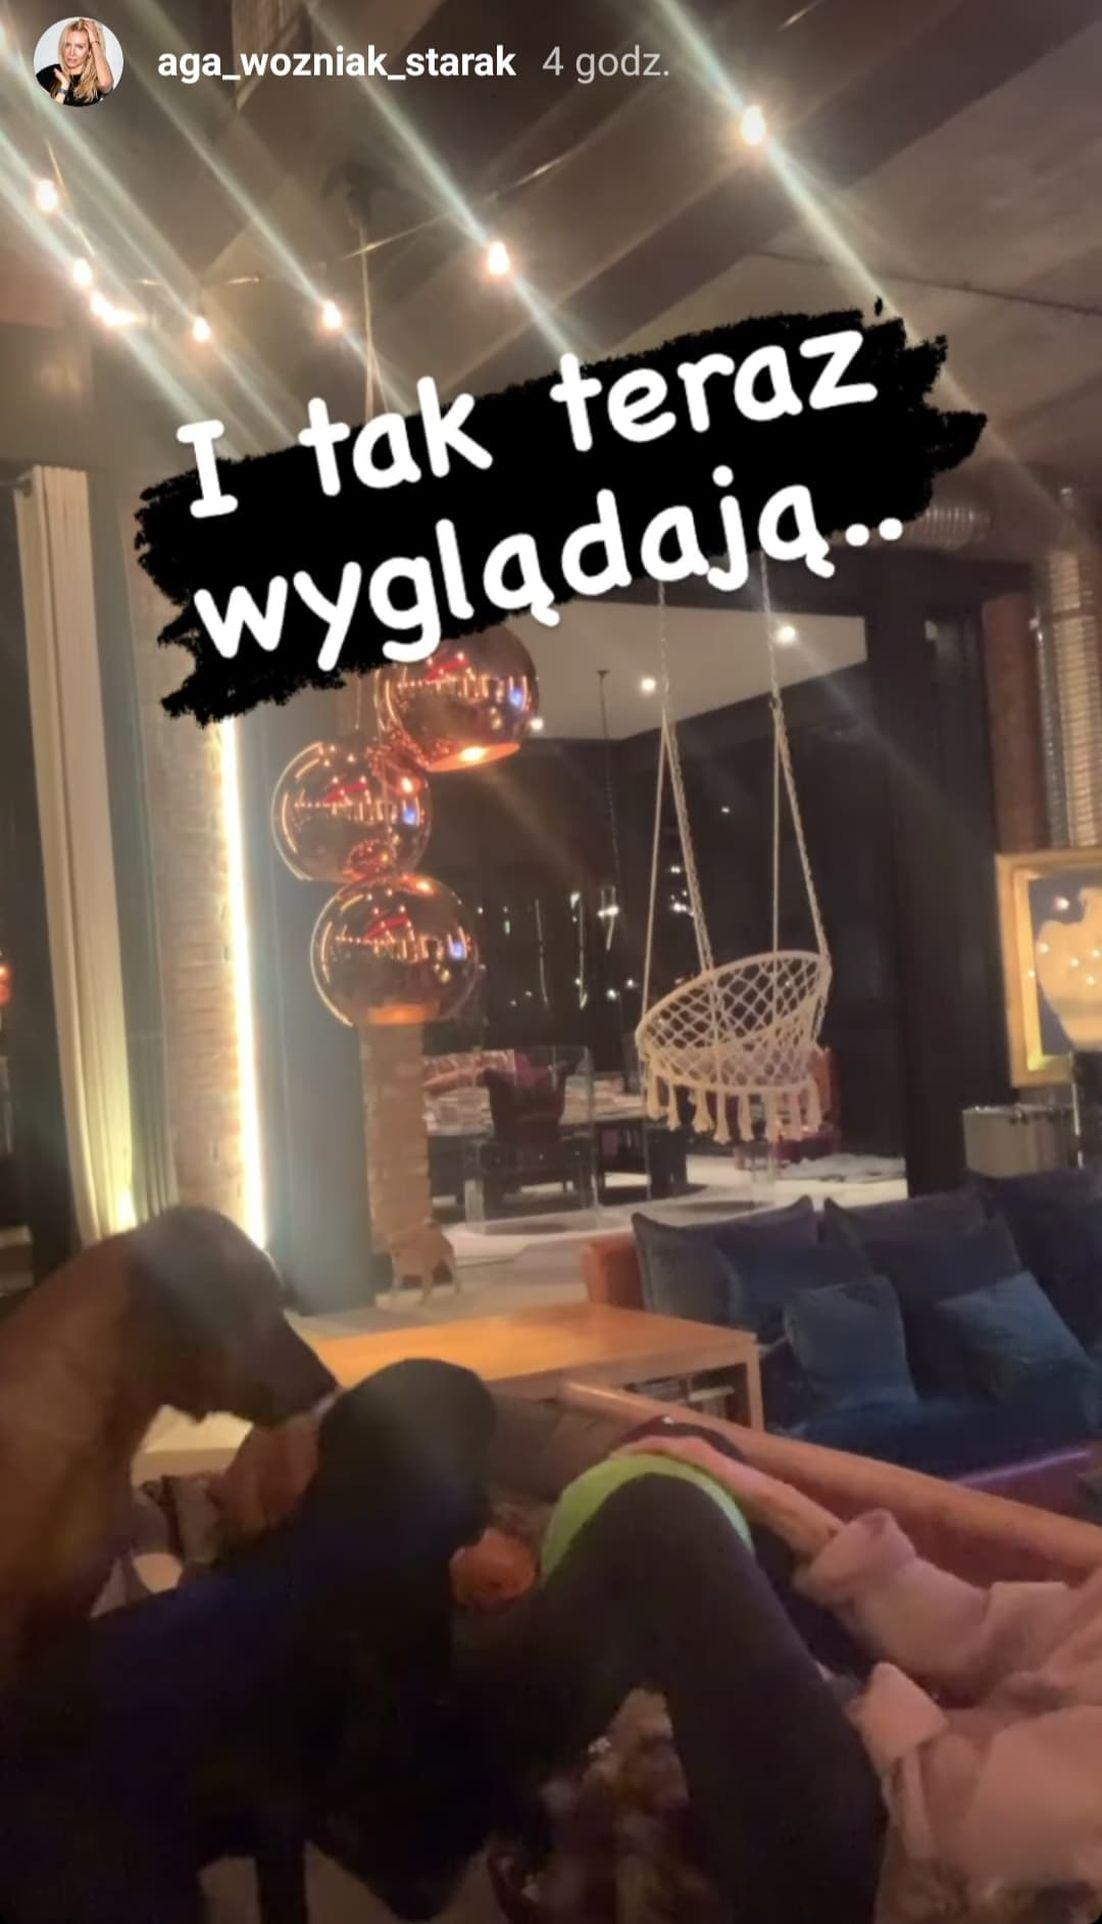 Agnieszka Woźniak-Starak bawi się z psami w salonie